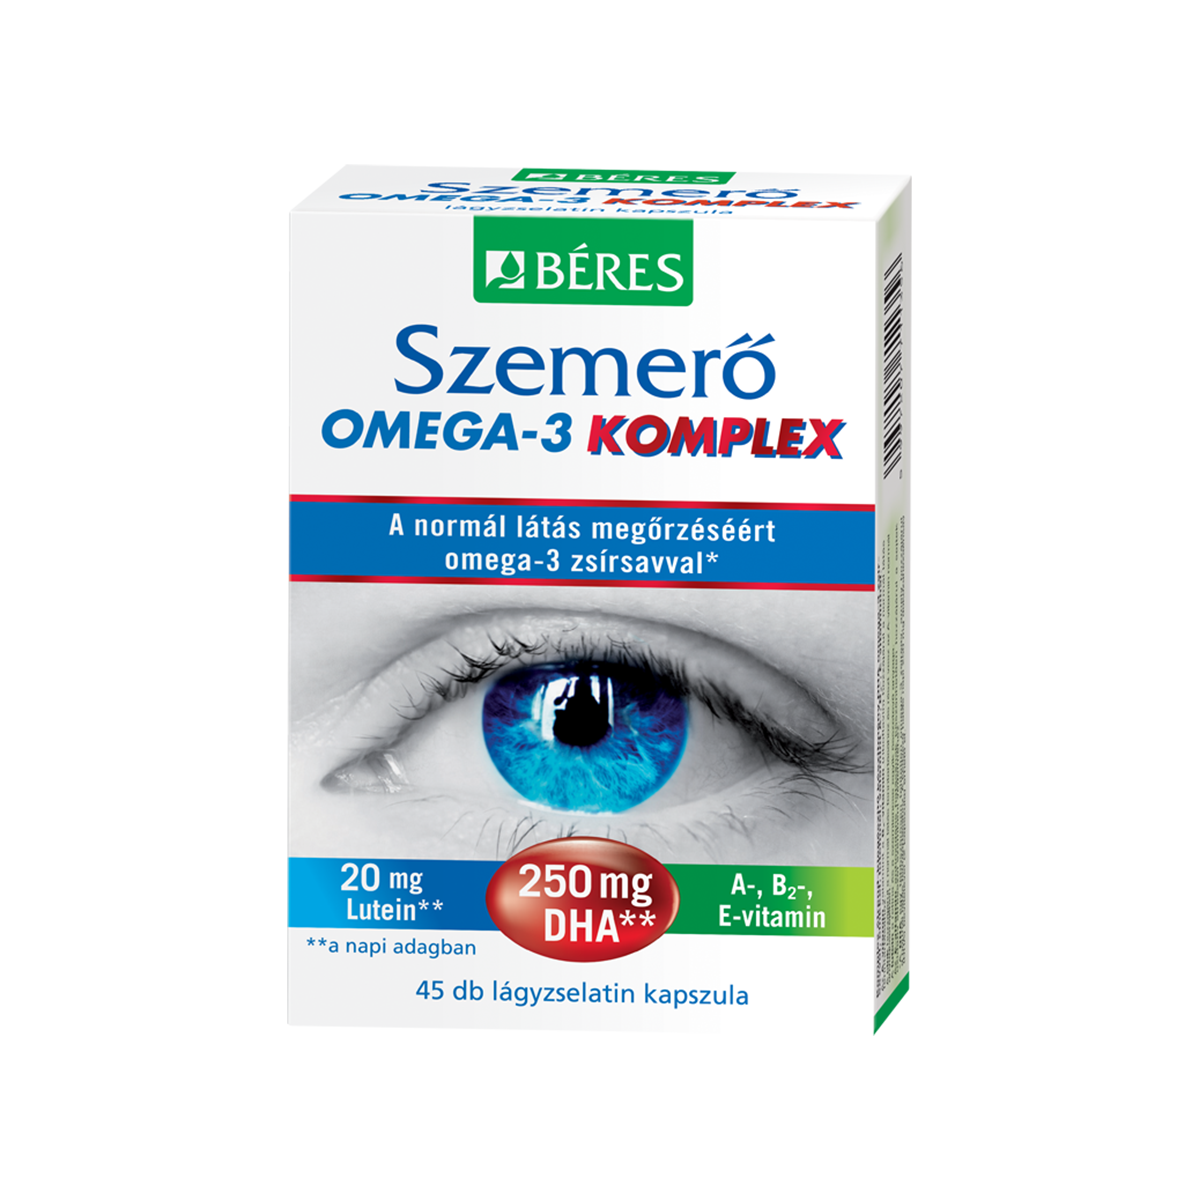 Béres Szemerő Omega-3 KOMPLEX 45 kap.